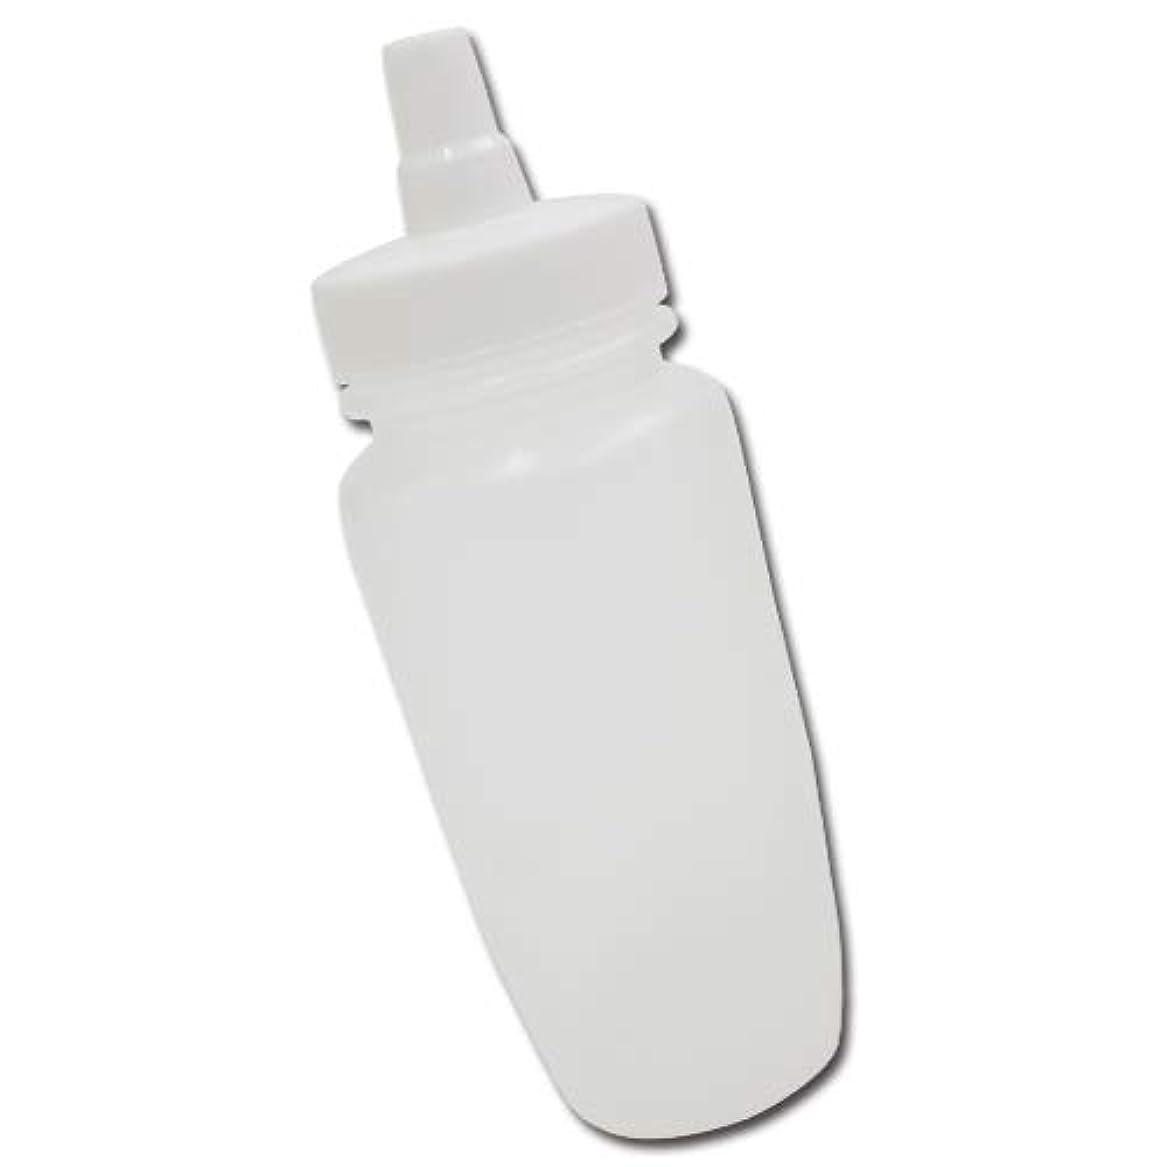 廃棄反発するエーカーはちみつ容器180ml(ホワイトキャップ)│業務用ローションや調味料の小分けに詰め替え用ハチミツ容器(蜂蜜容器)はちみつボトル